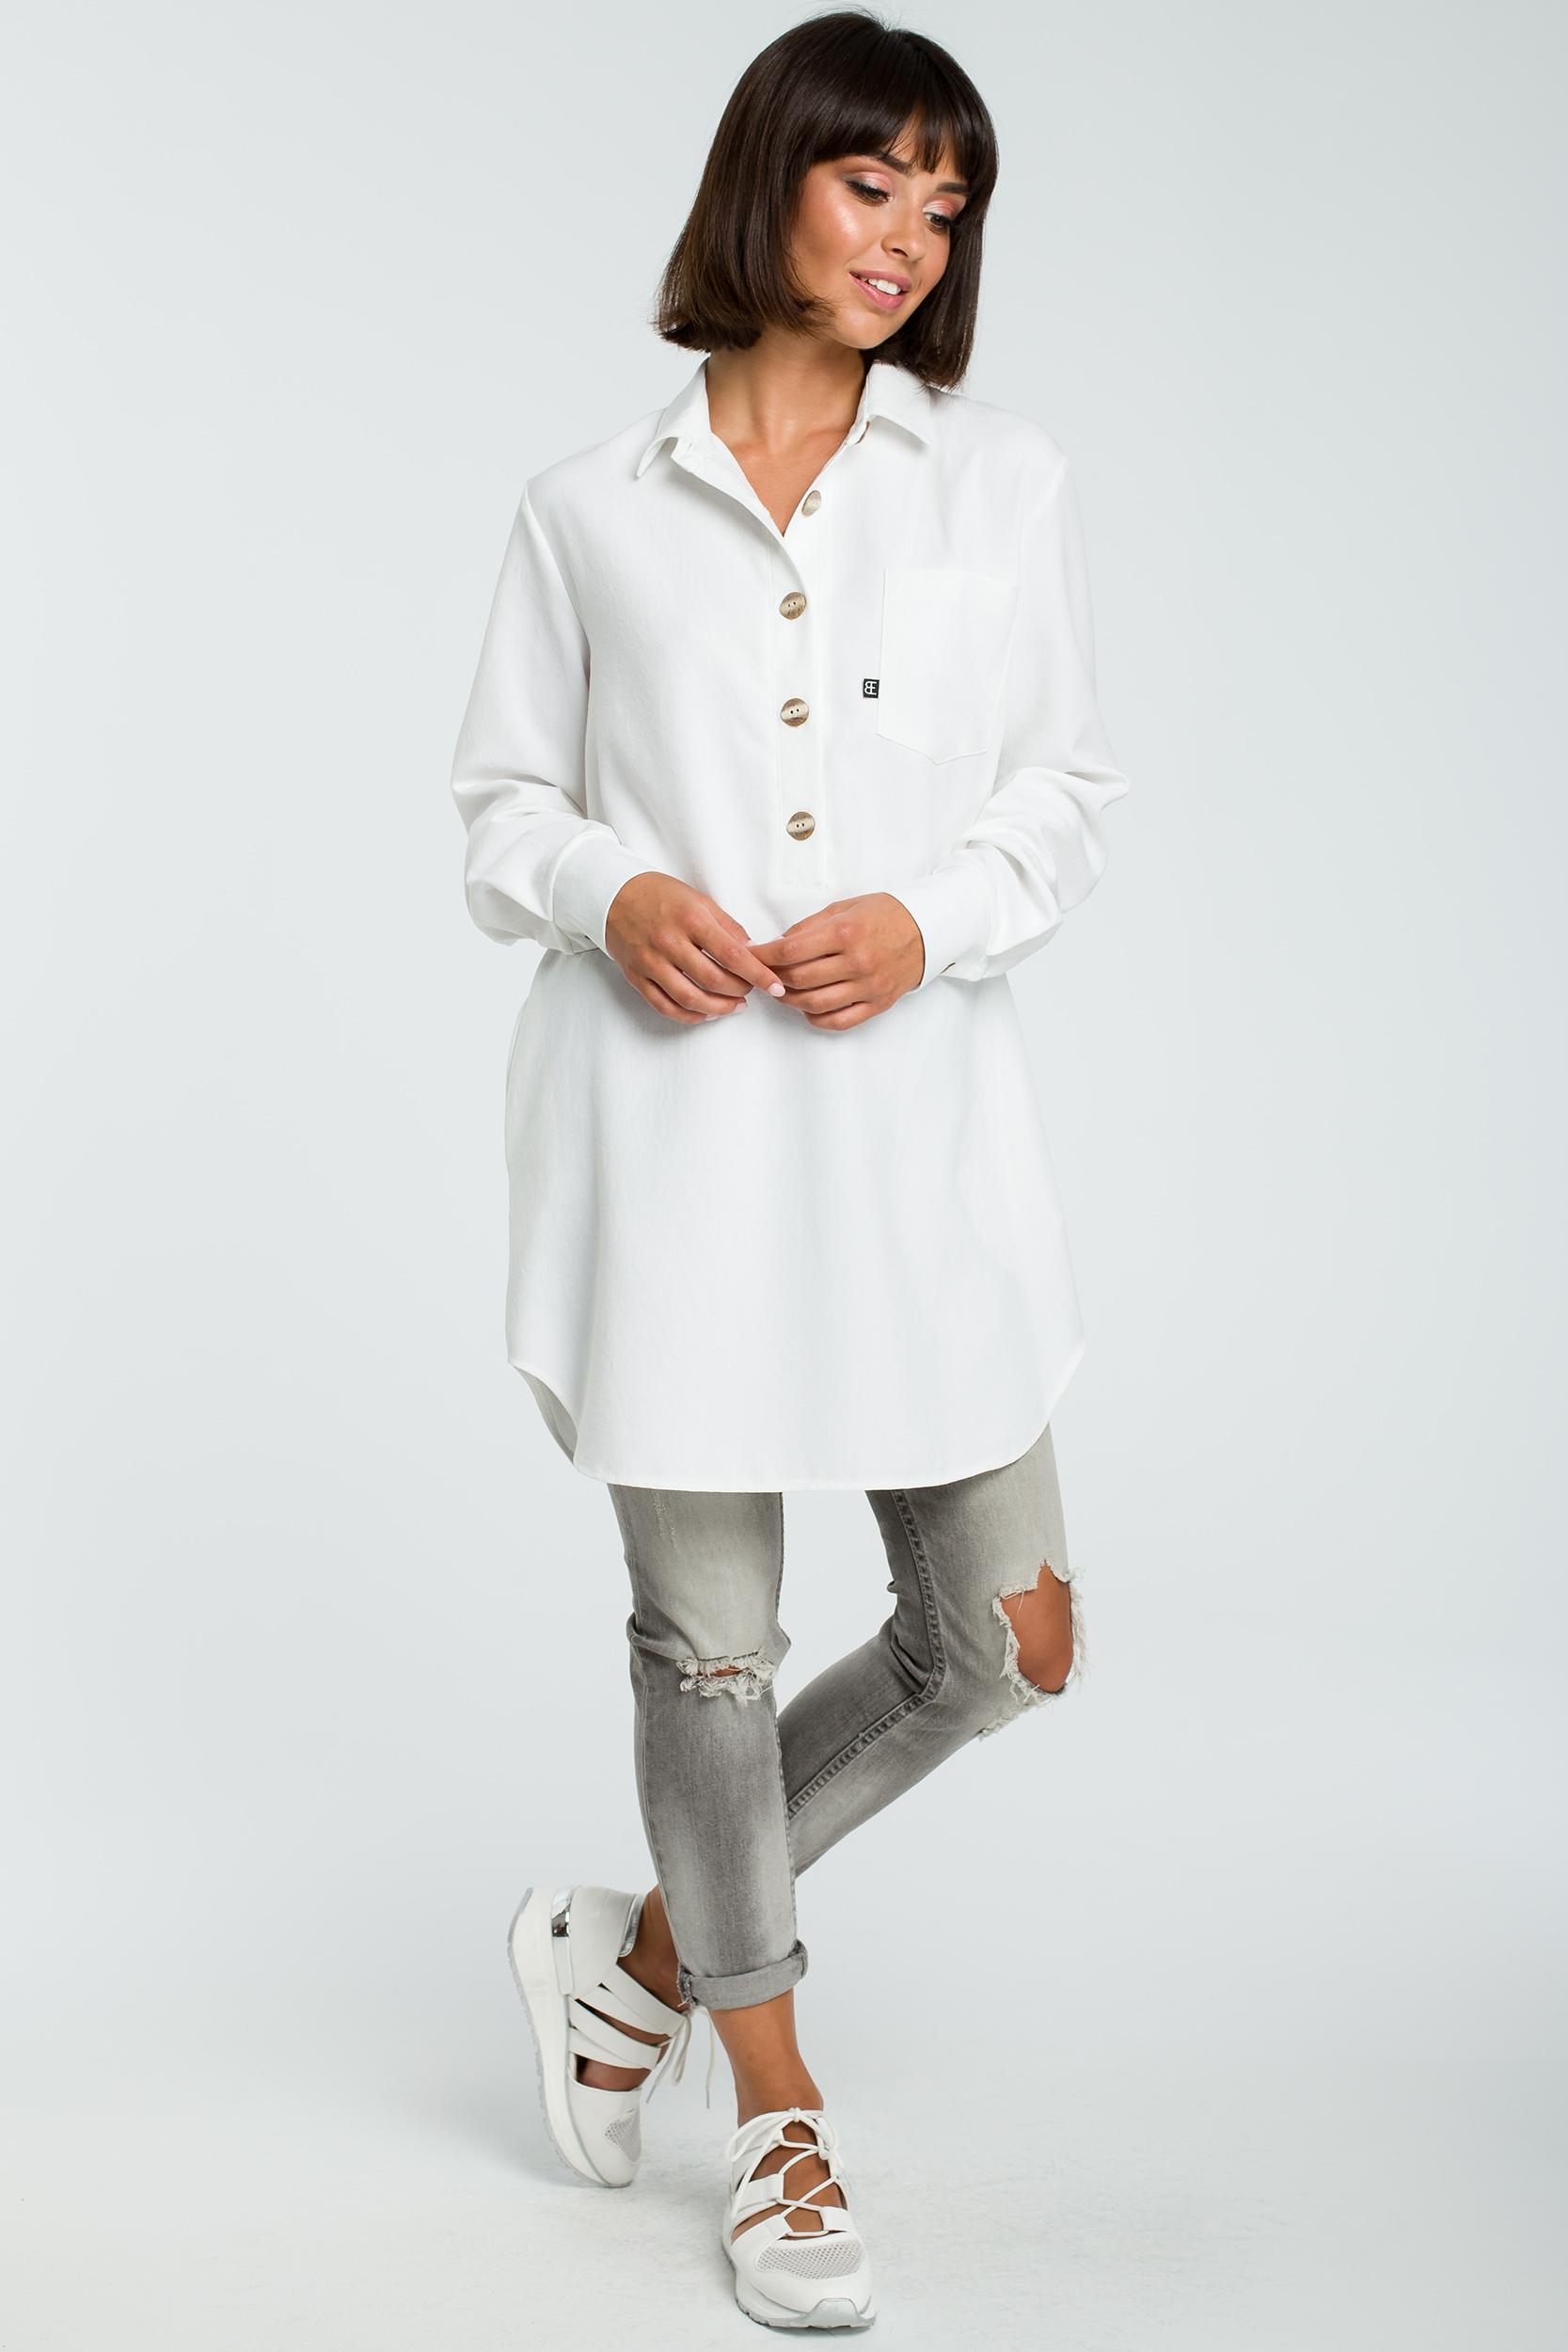 Długa koszula z lnem na guziki biała wysyłka kurierem już  mLJsk